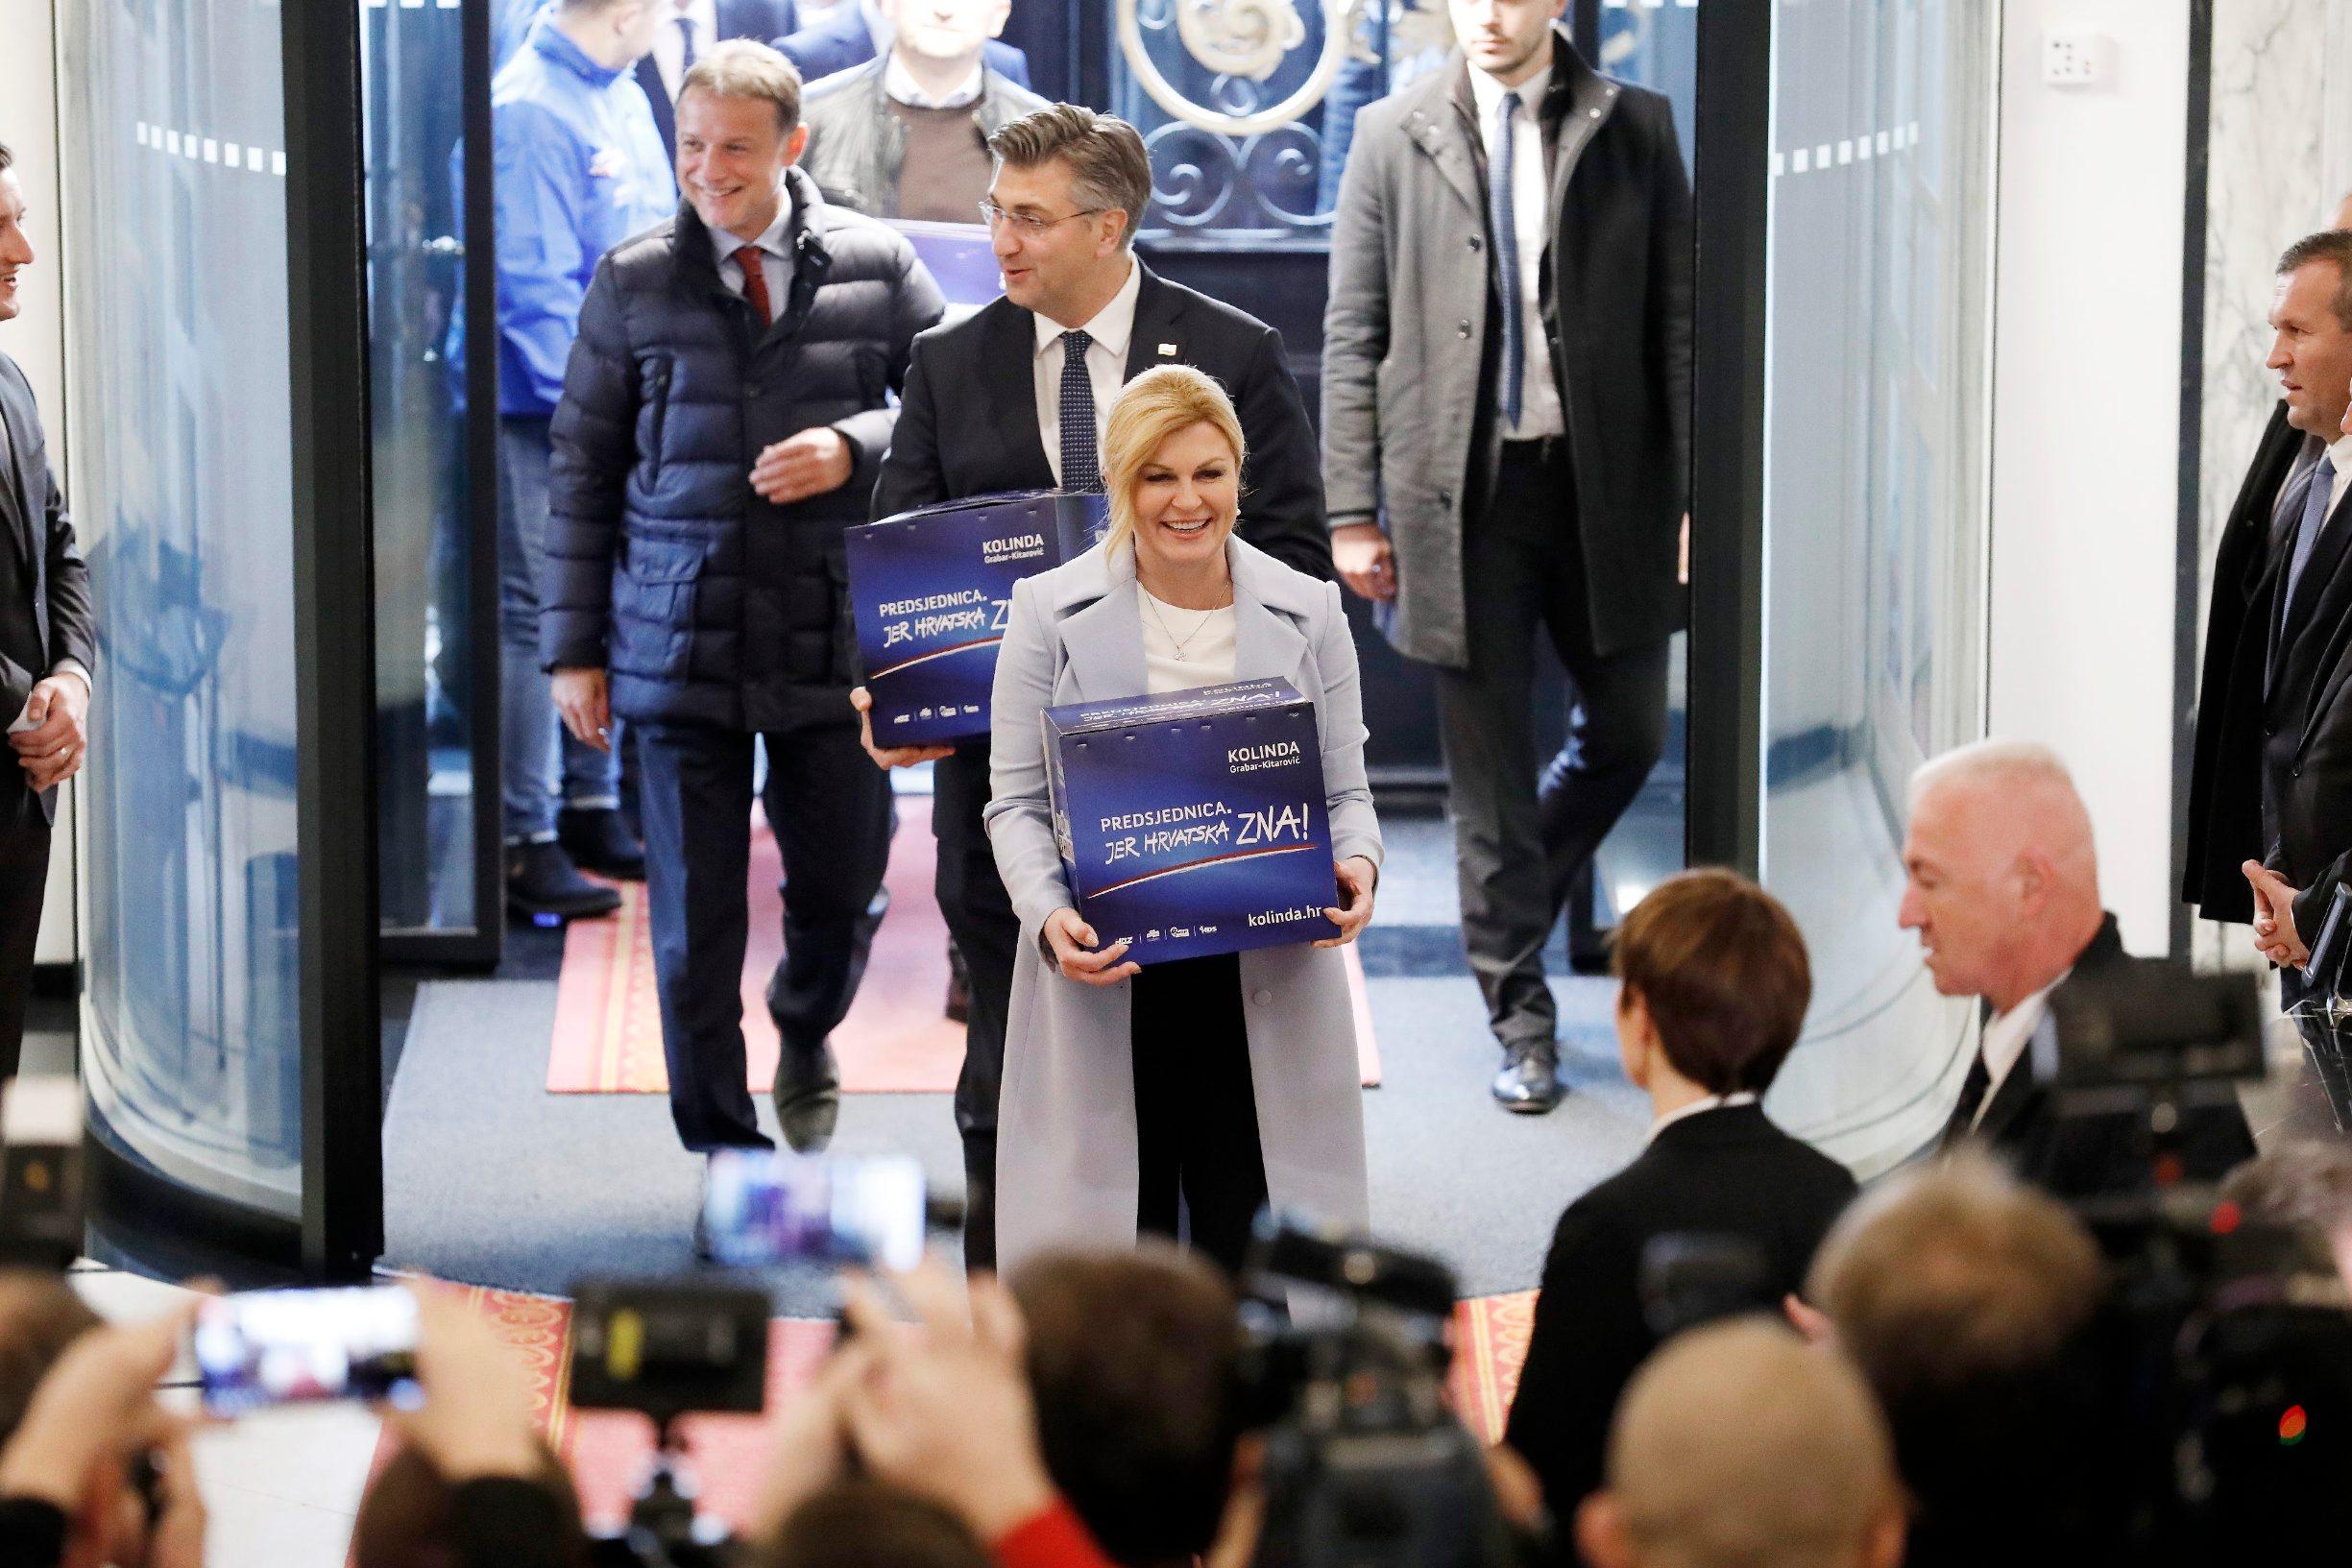 Zagreb, 031219. Sabor RH. Predsjednica RH Kolinda Grabar Kitarovic predala je potpise u Saboru za kandidaturu za predsjednicke izbore. Na fotografiji: Kolinda Grabar Kitarovic. Foto: Tomislav Kristo / CROPIX